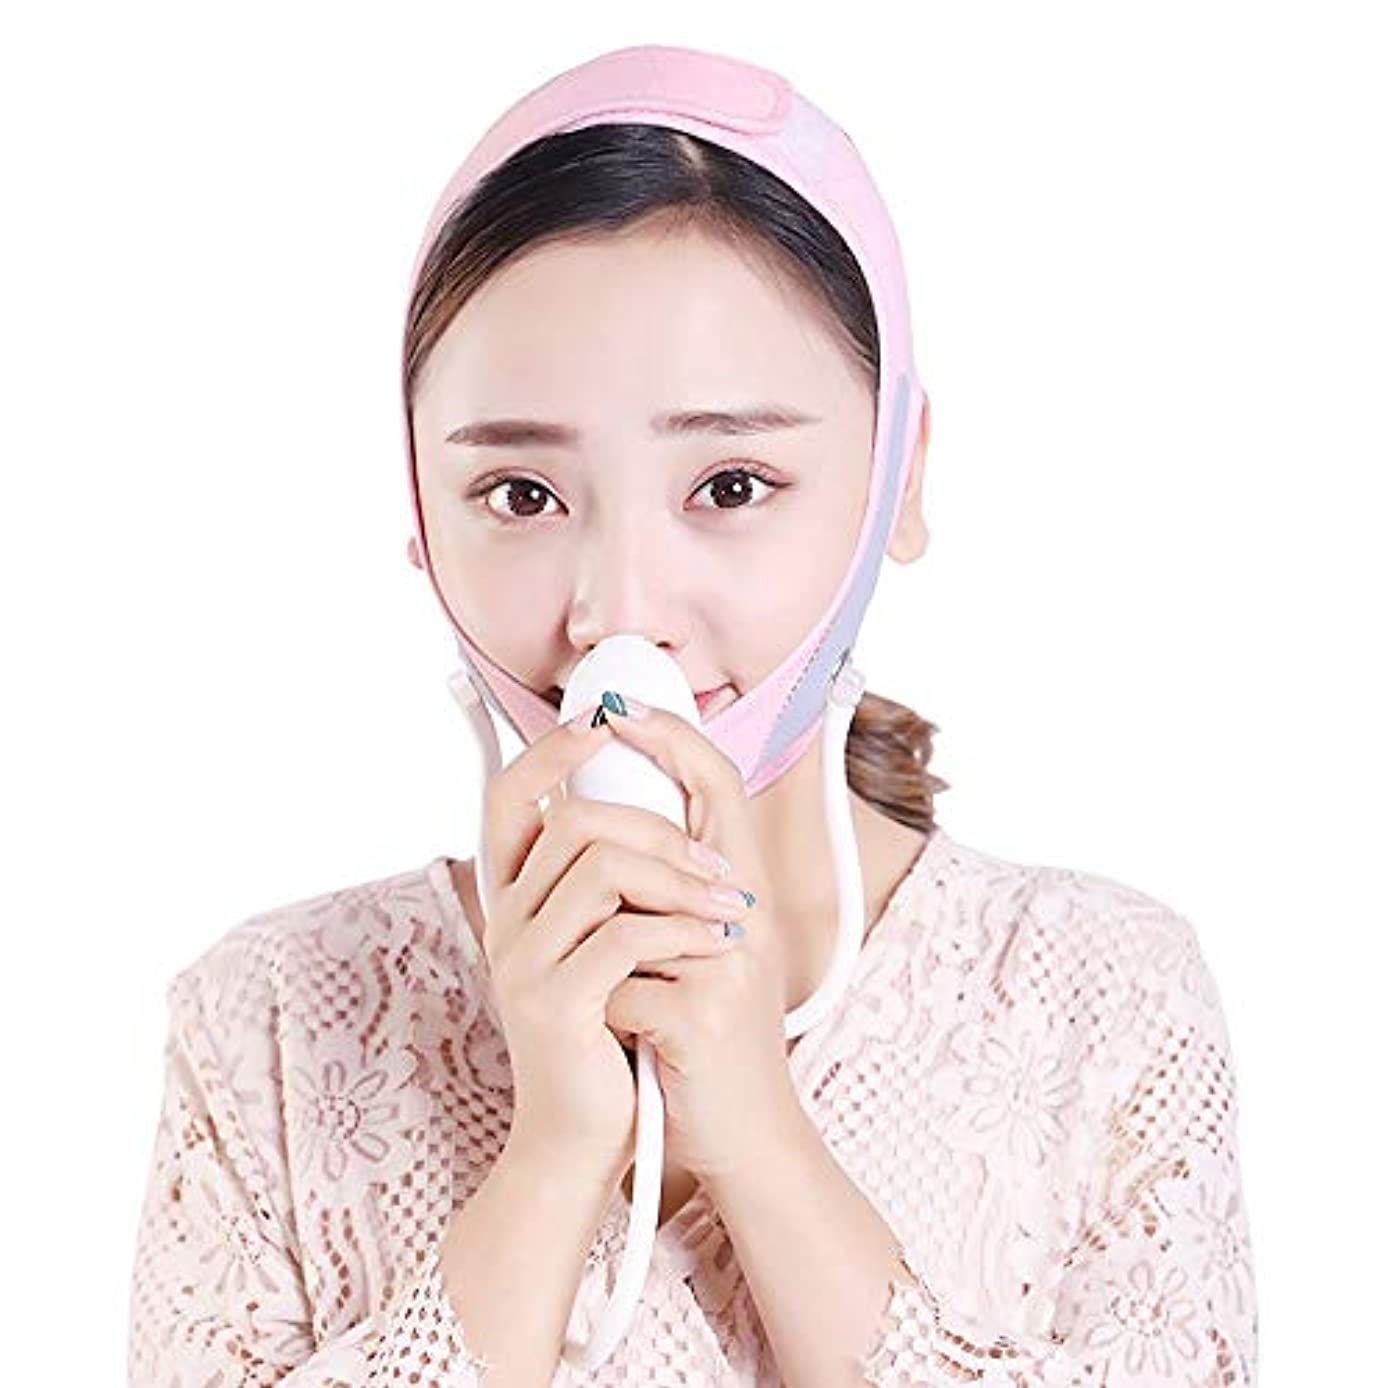 羽愛されし者インクJia Jia- インフレータブル調節可能なフェイスリフトアーチファクト包帯をダブルチンリフト引き締めカラスの足one骨のサイズV顔ユニセックス - ピンク 顔面包帯